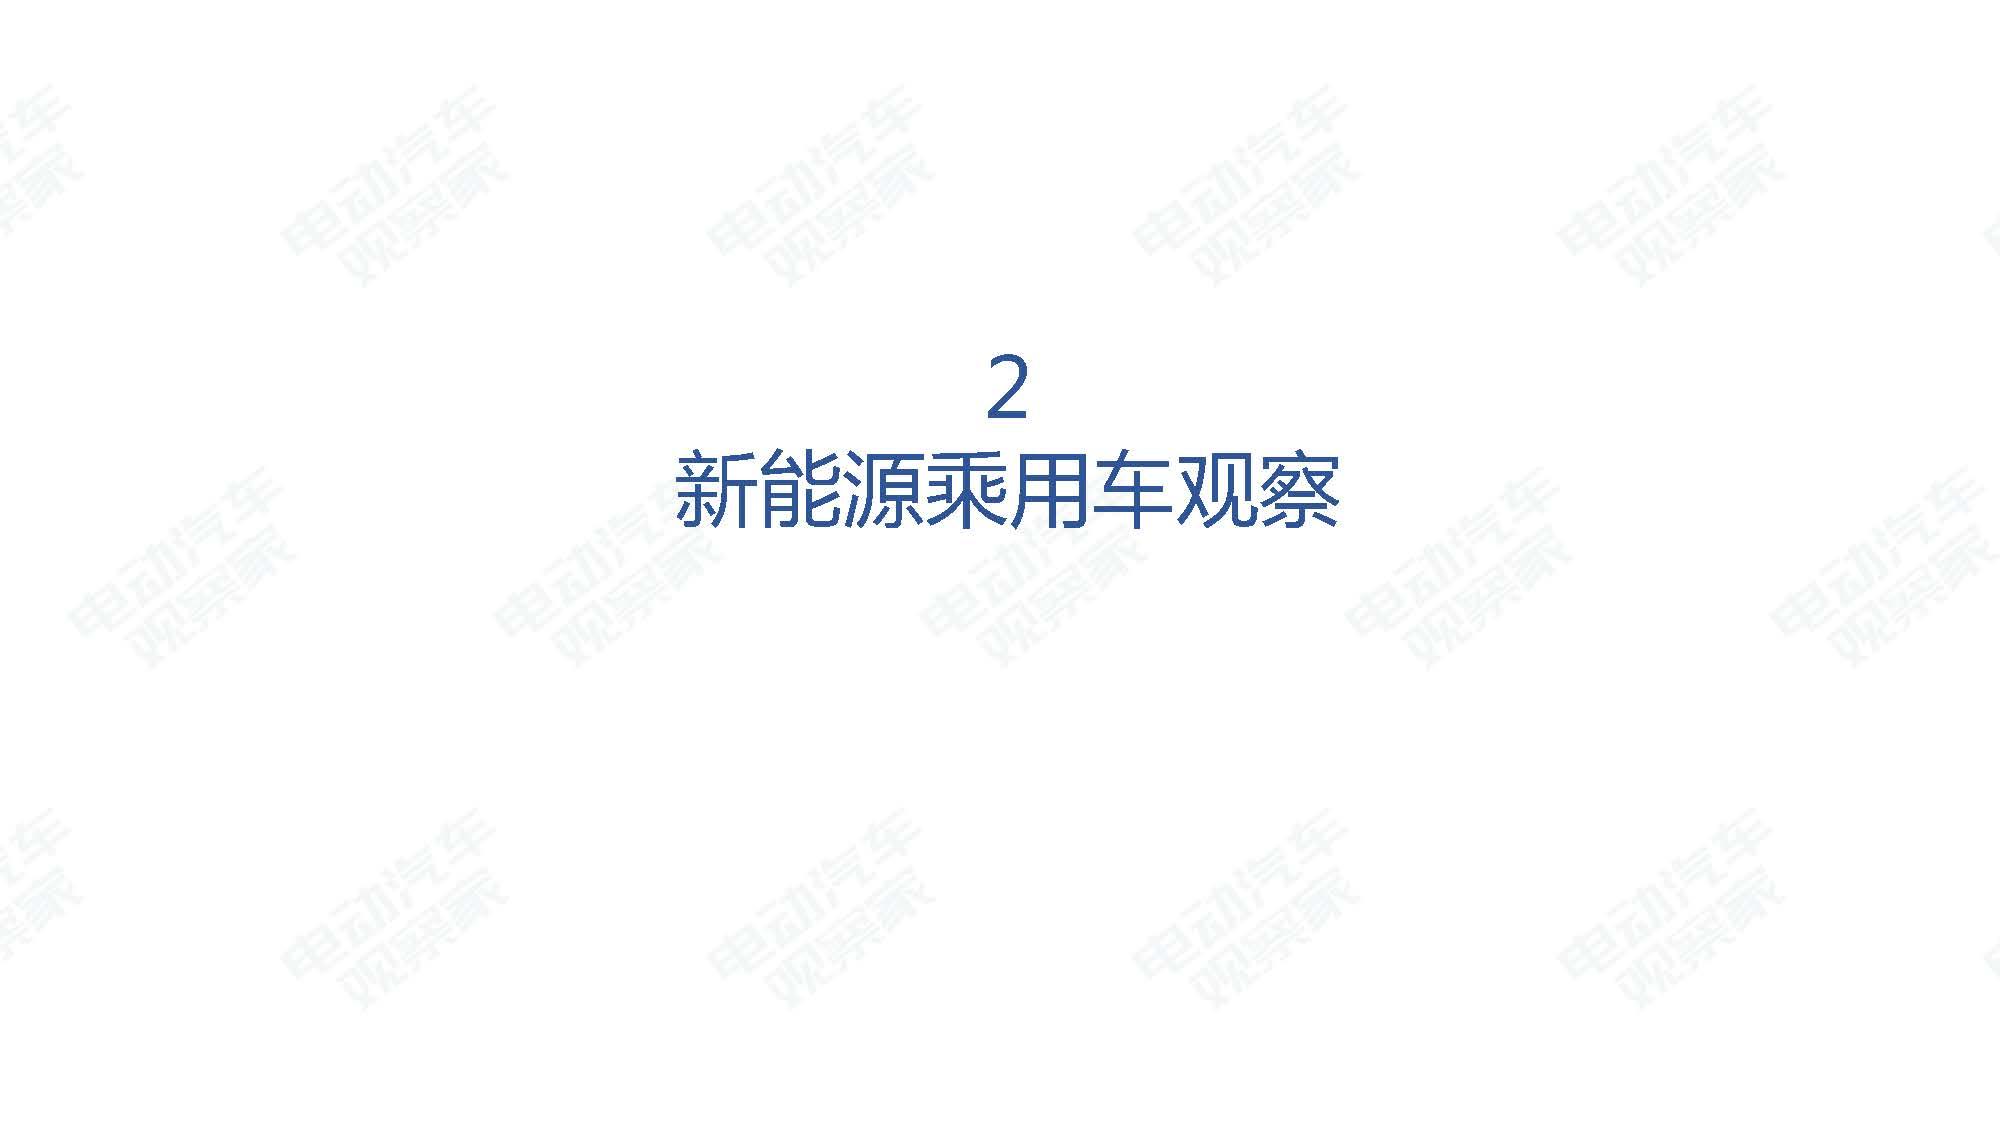 2019年11月中国新能源汽车产业观察_页面_005